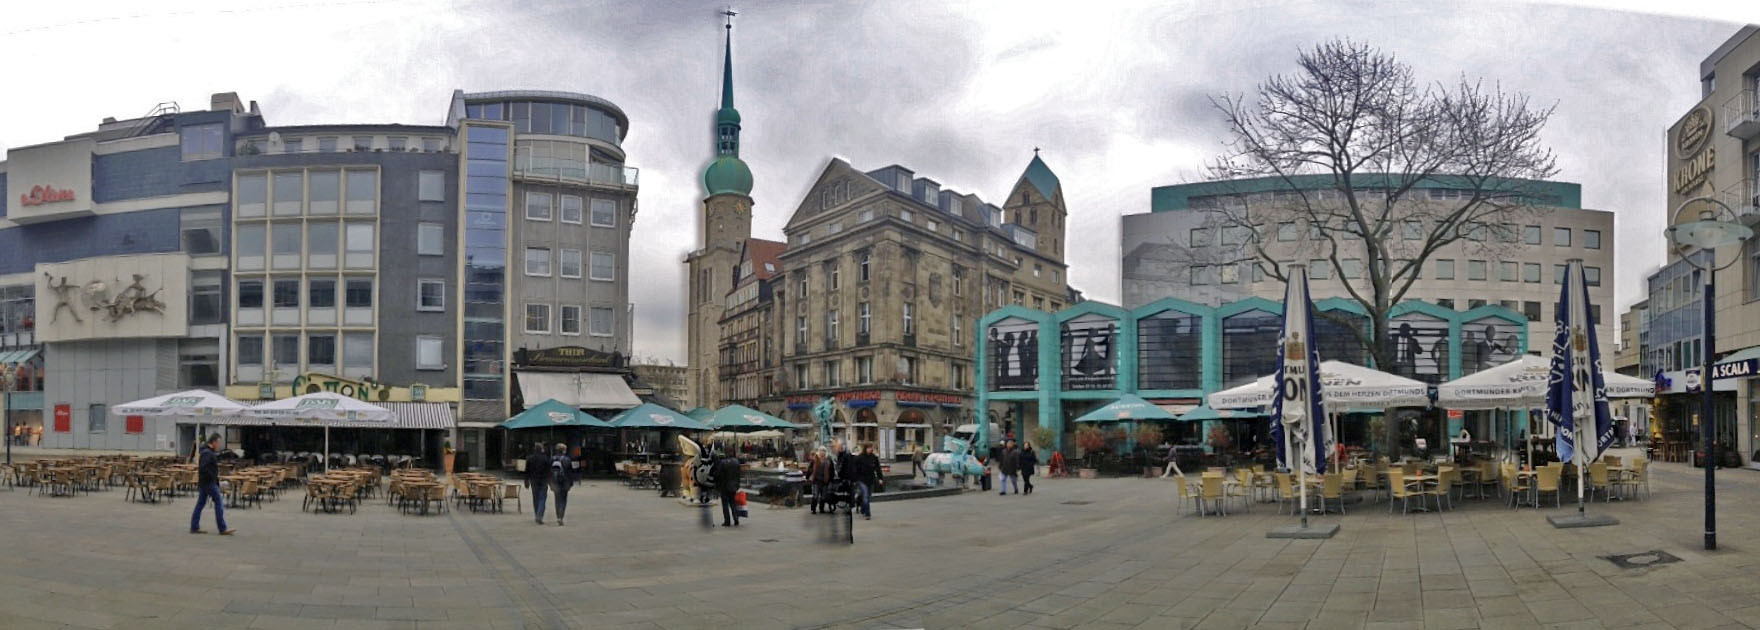 Autovermietung dortmund - alter Markt in Dortmund